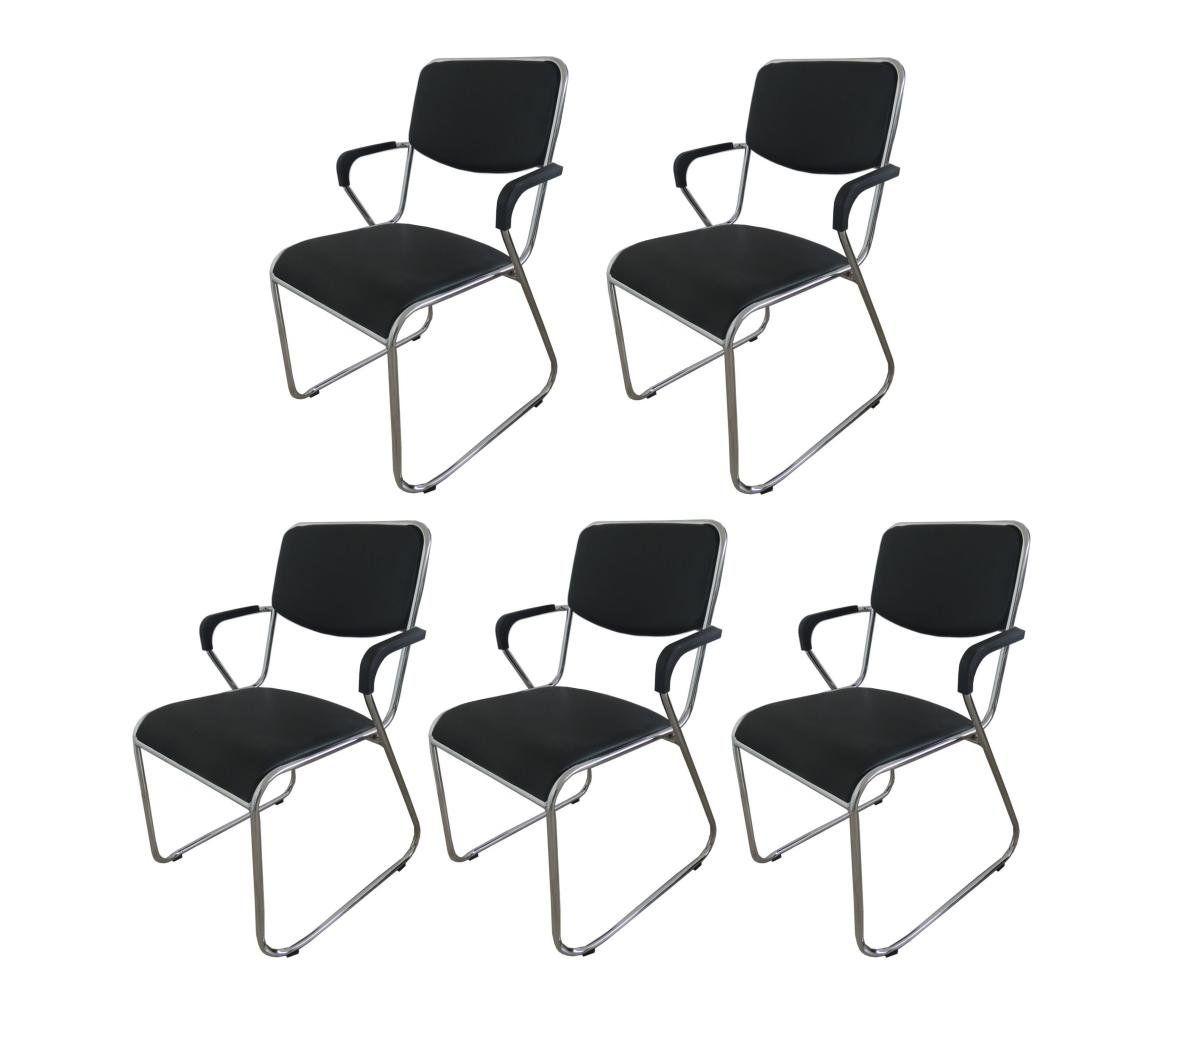 Kit Com 5 Cadeiras Universitária Pelegrin Pel-1118 Com Braço Couro Pu Preta